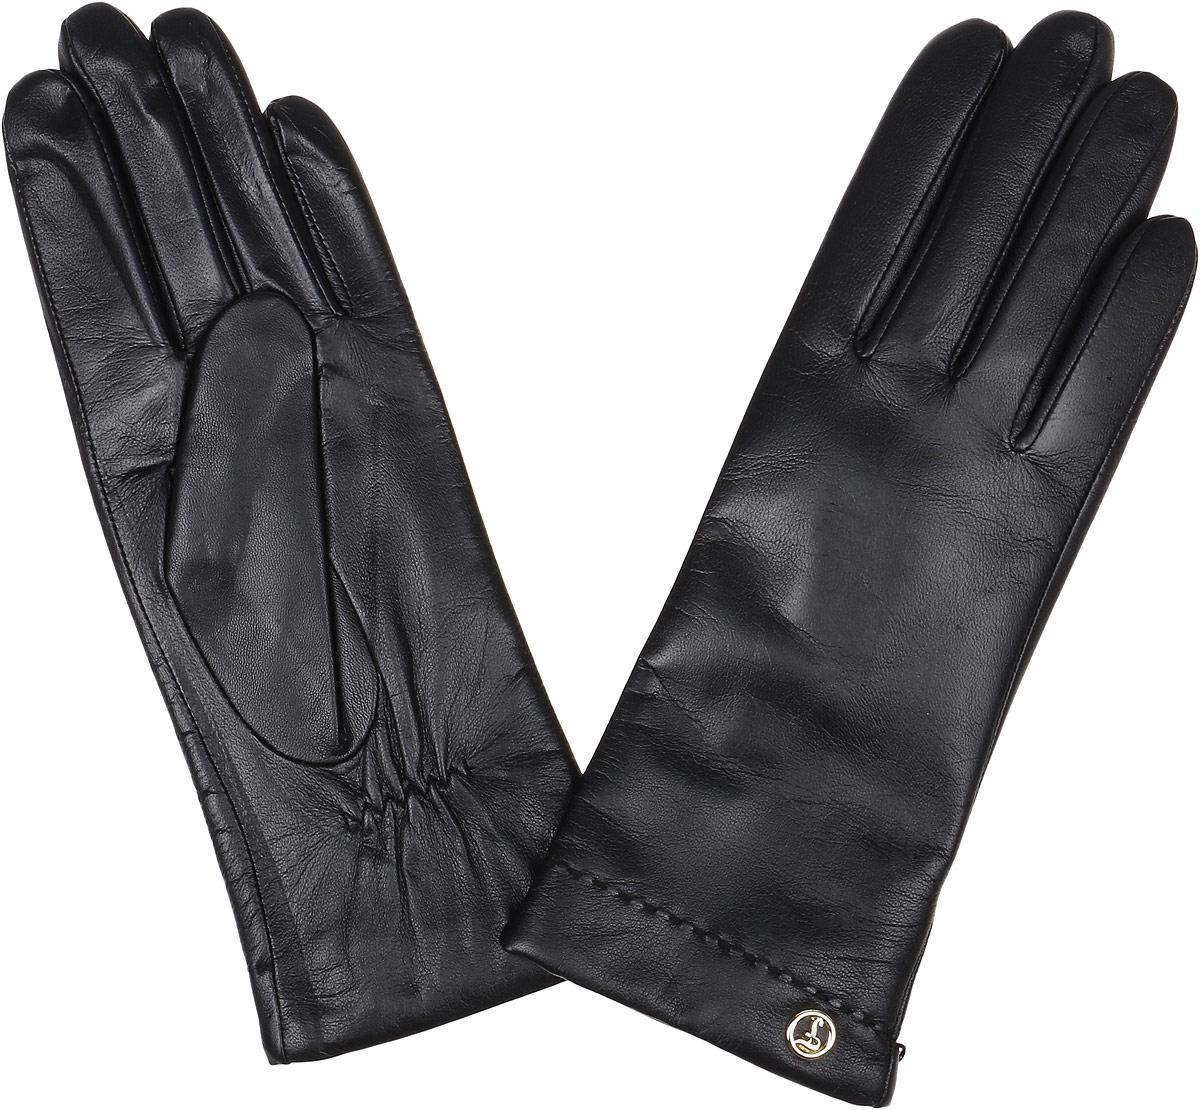 12.9-10_taupeЭлегантные женские перчатки Fabretti станут великолепным дополнением вашего образа и защитят ваши руки от холода и ветра во время прогулок. Перчатки выполнены из натуральной кожи ягненка. Модель декорирована стильной металлической пластиной с названием бренда. Такие перчатки будут оригинальным завершающим штрихом в создании современного модного образа, они подчеркнут ваш изысканный вкус и станут незаменимым и практичным аксессуаром.